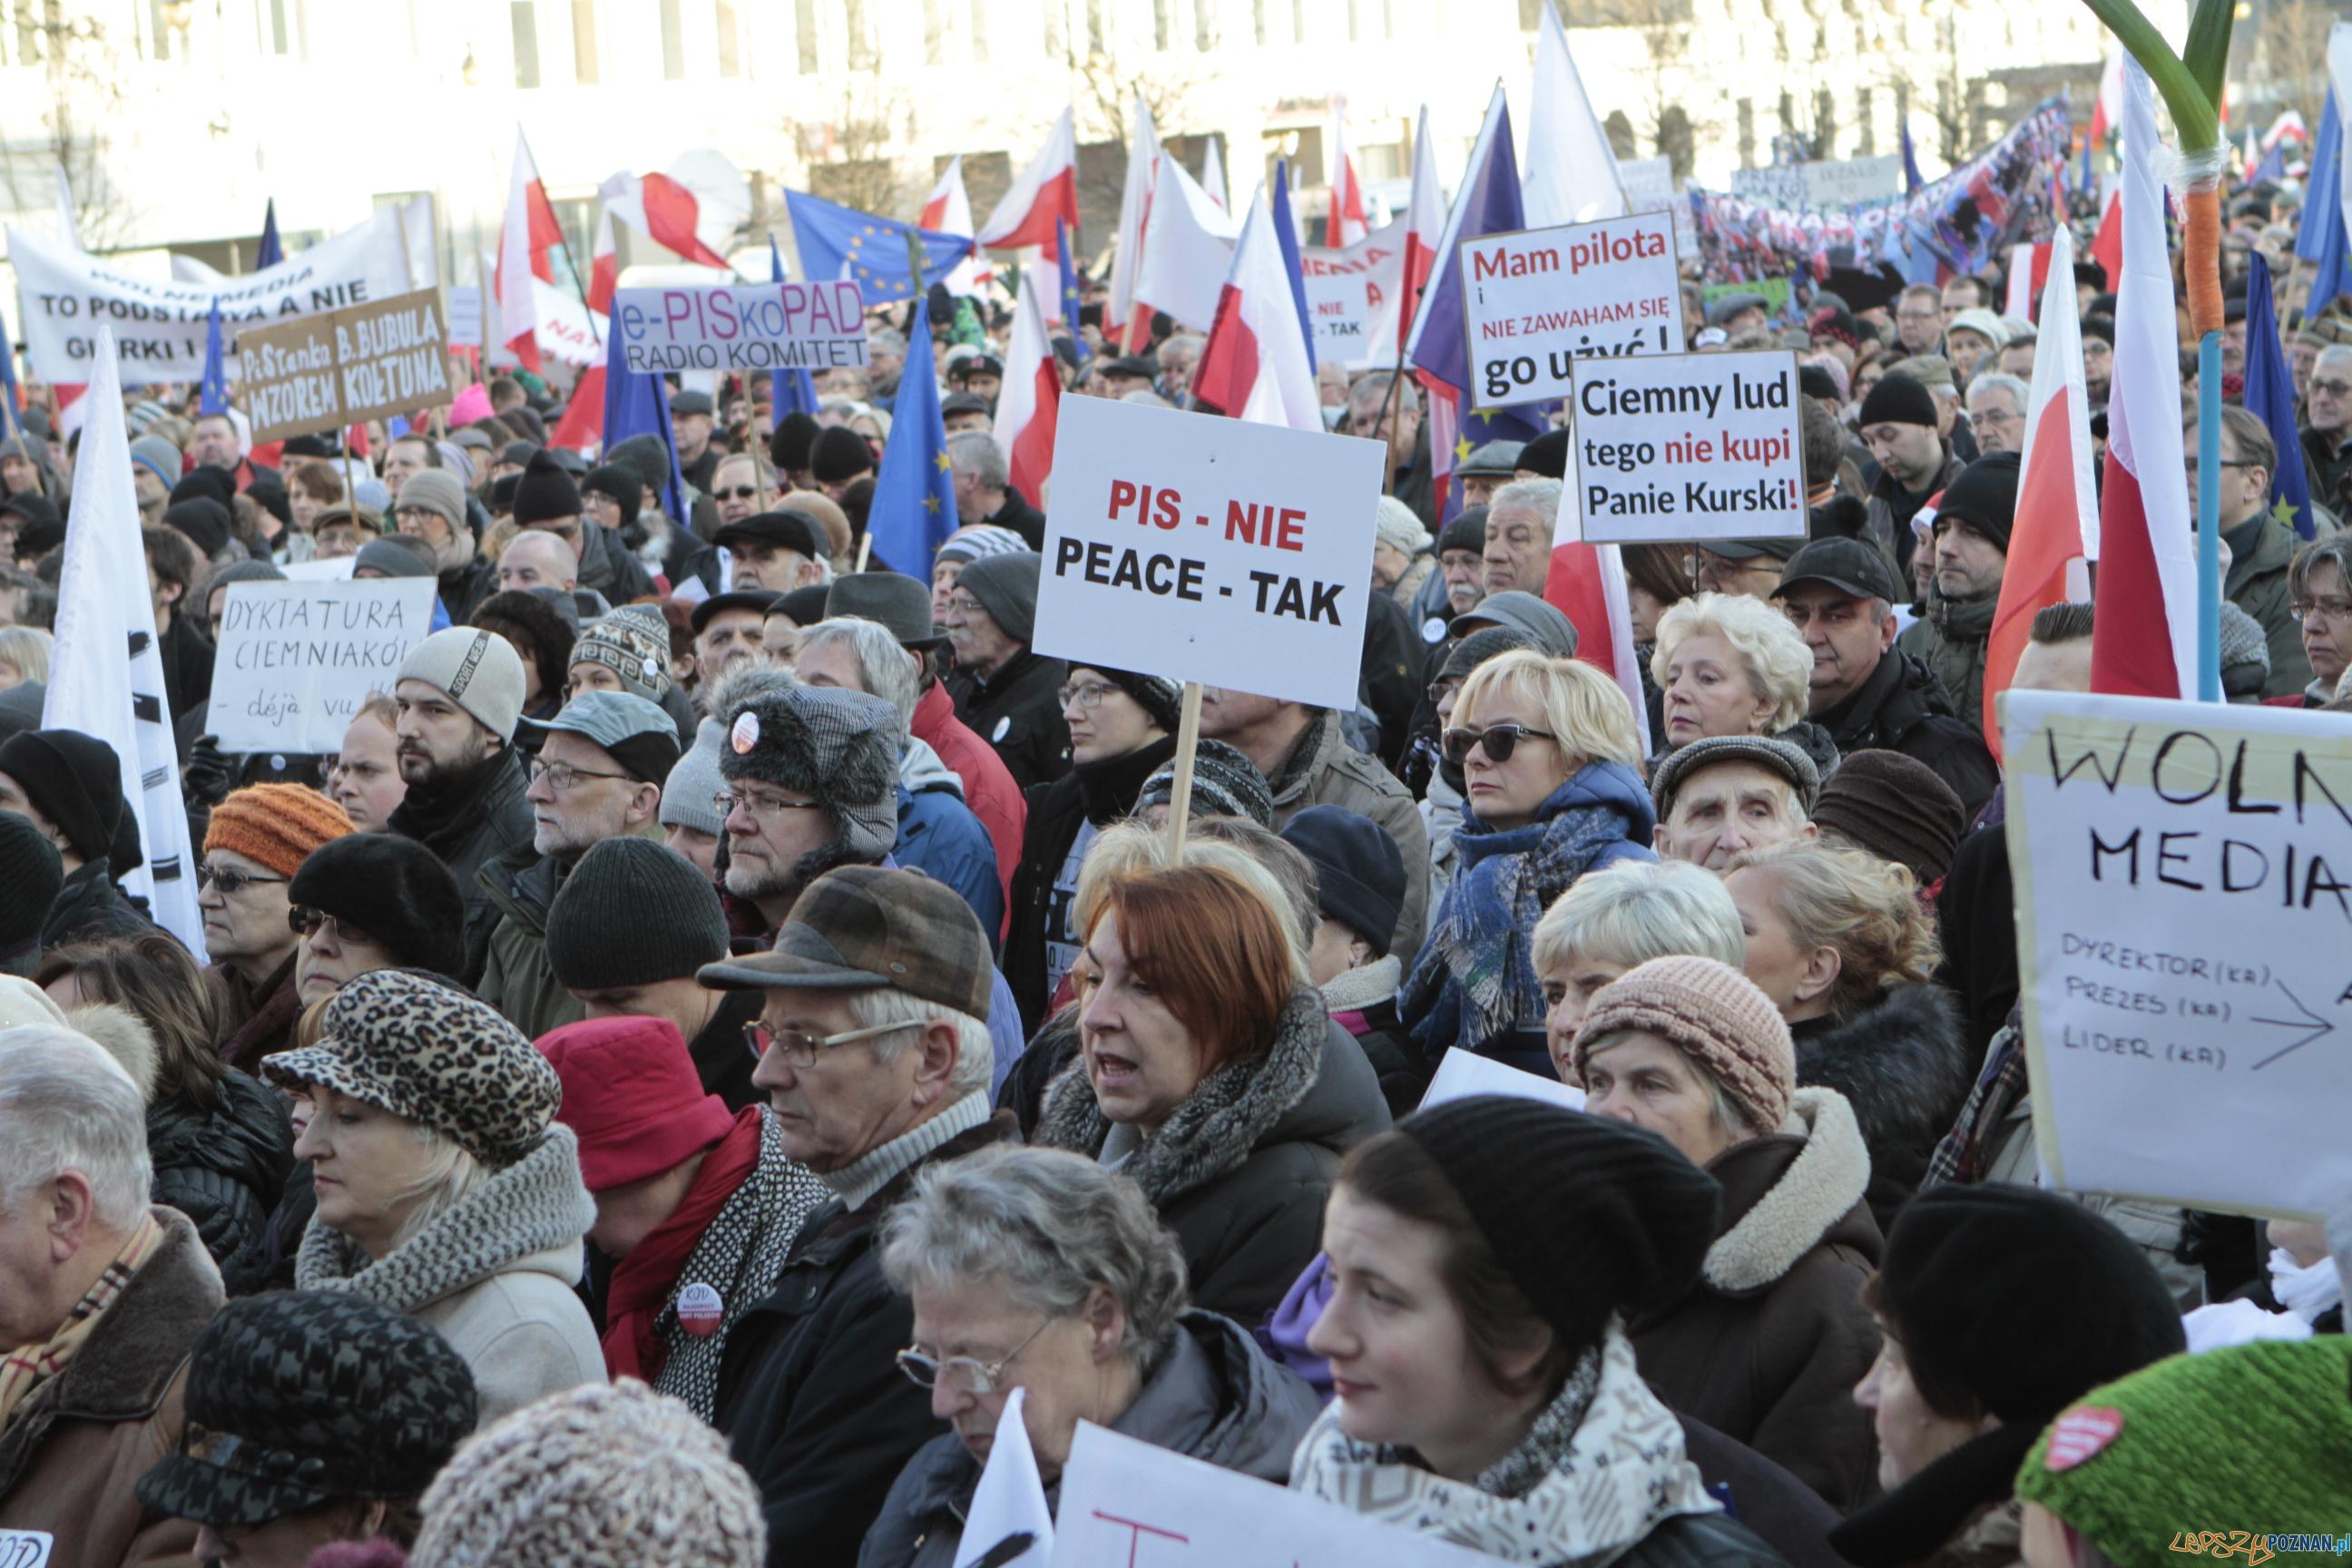 Szybka migawka - protest w obronie mediów  Foto: LepszyPOZNAN.pl / Pawel Rychter